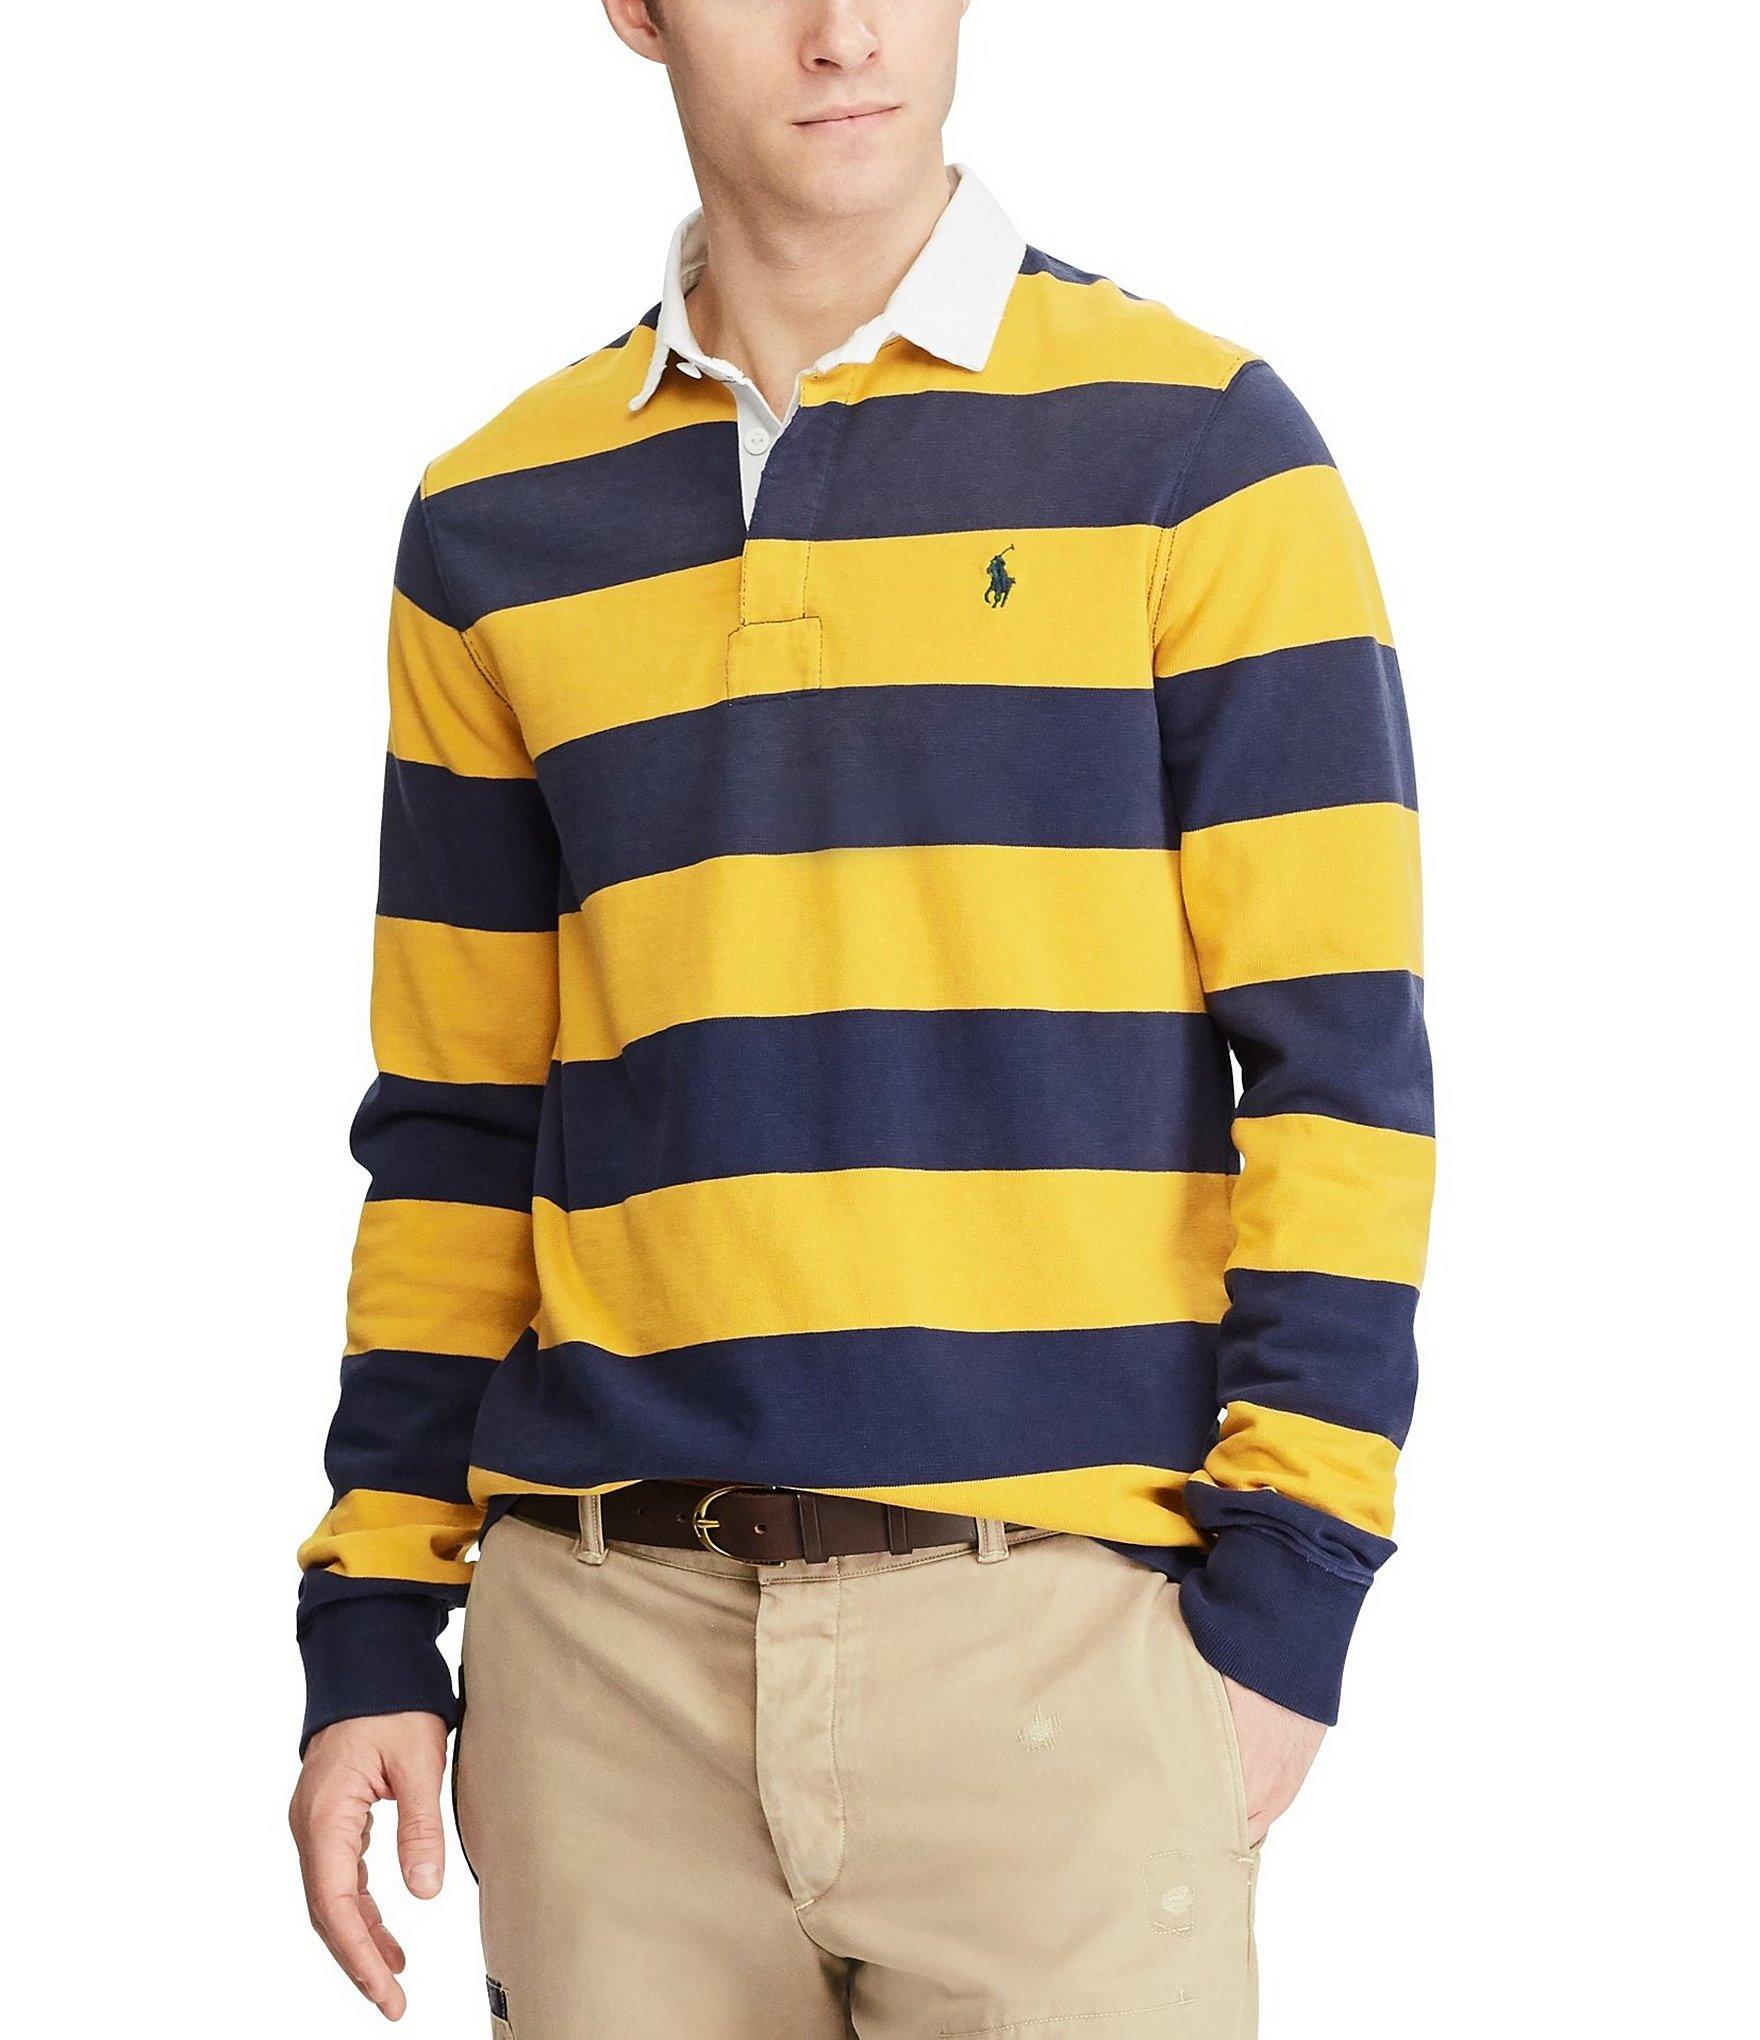 Leg day t shirts men s polo shirt slim - Leg Day T Shirts Men S Polo Shirt Slim 22